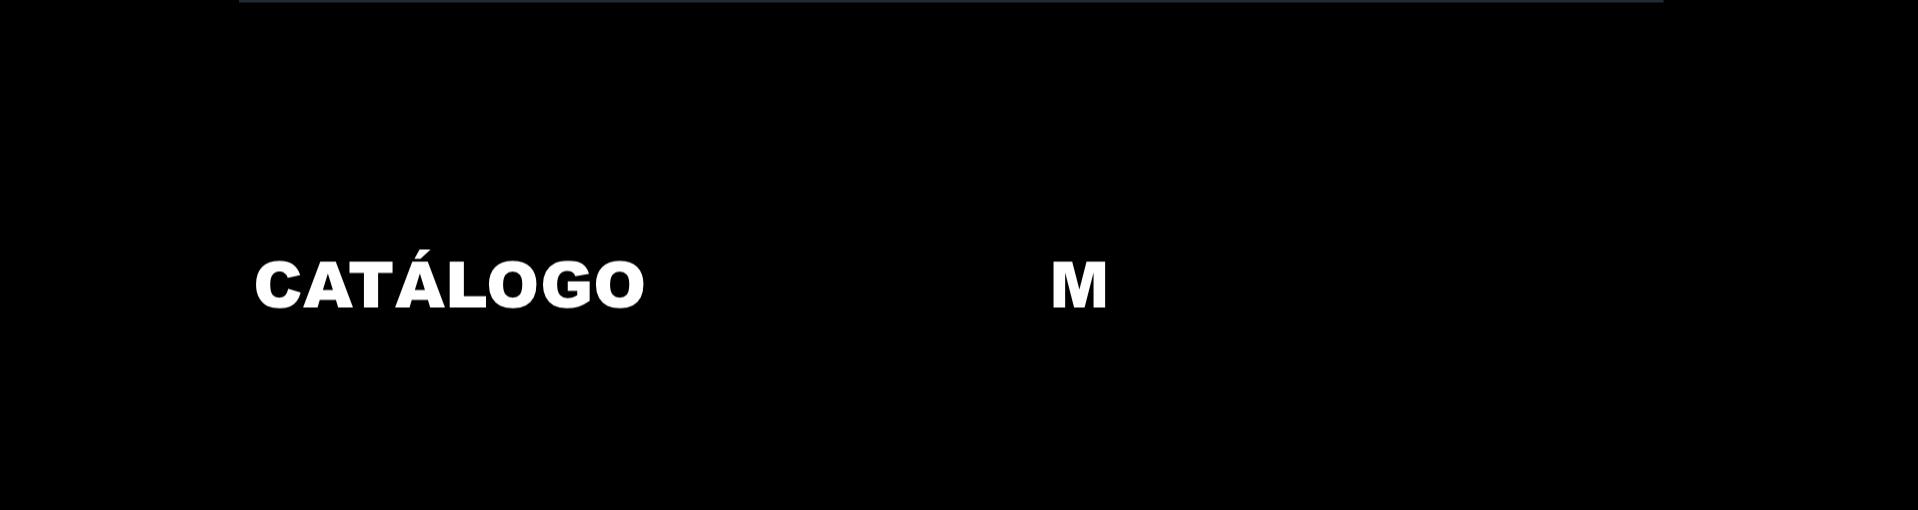 Catálogo M